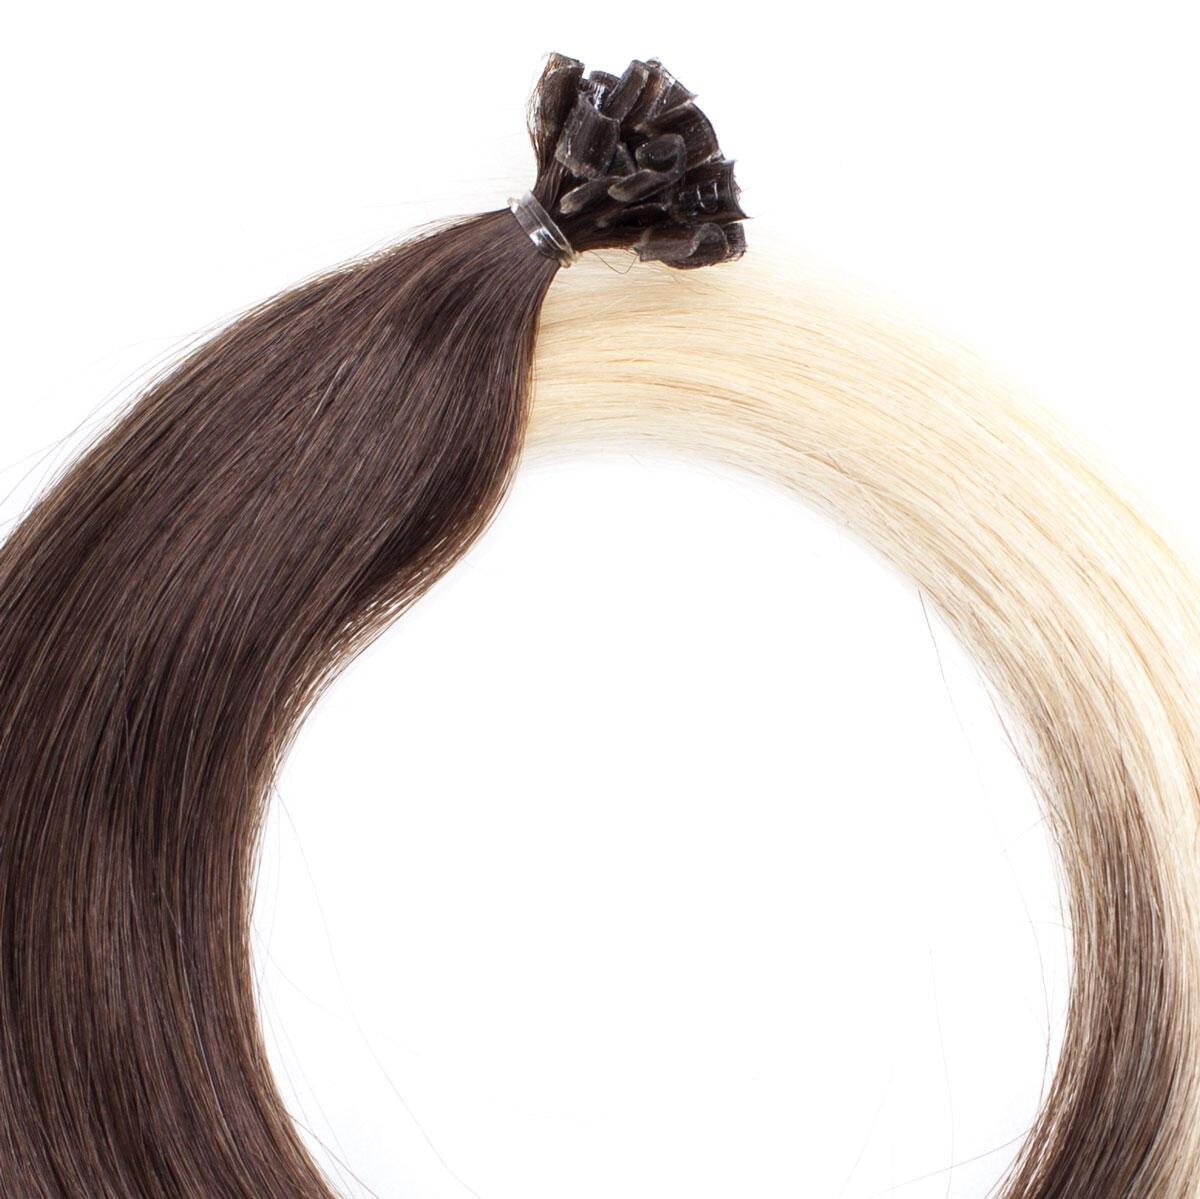 Bondings Premium Glatt O2.6/8.0 Dark Ash Blond Ombre 50 cm